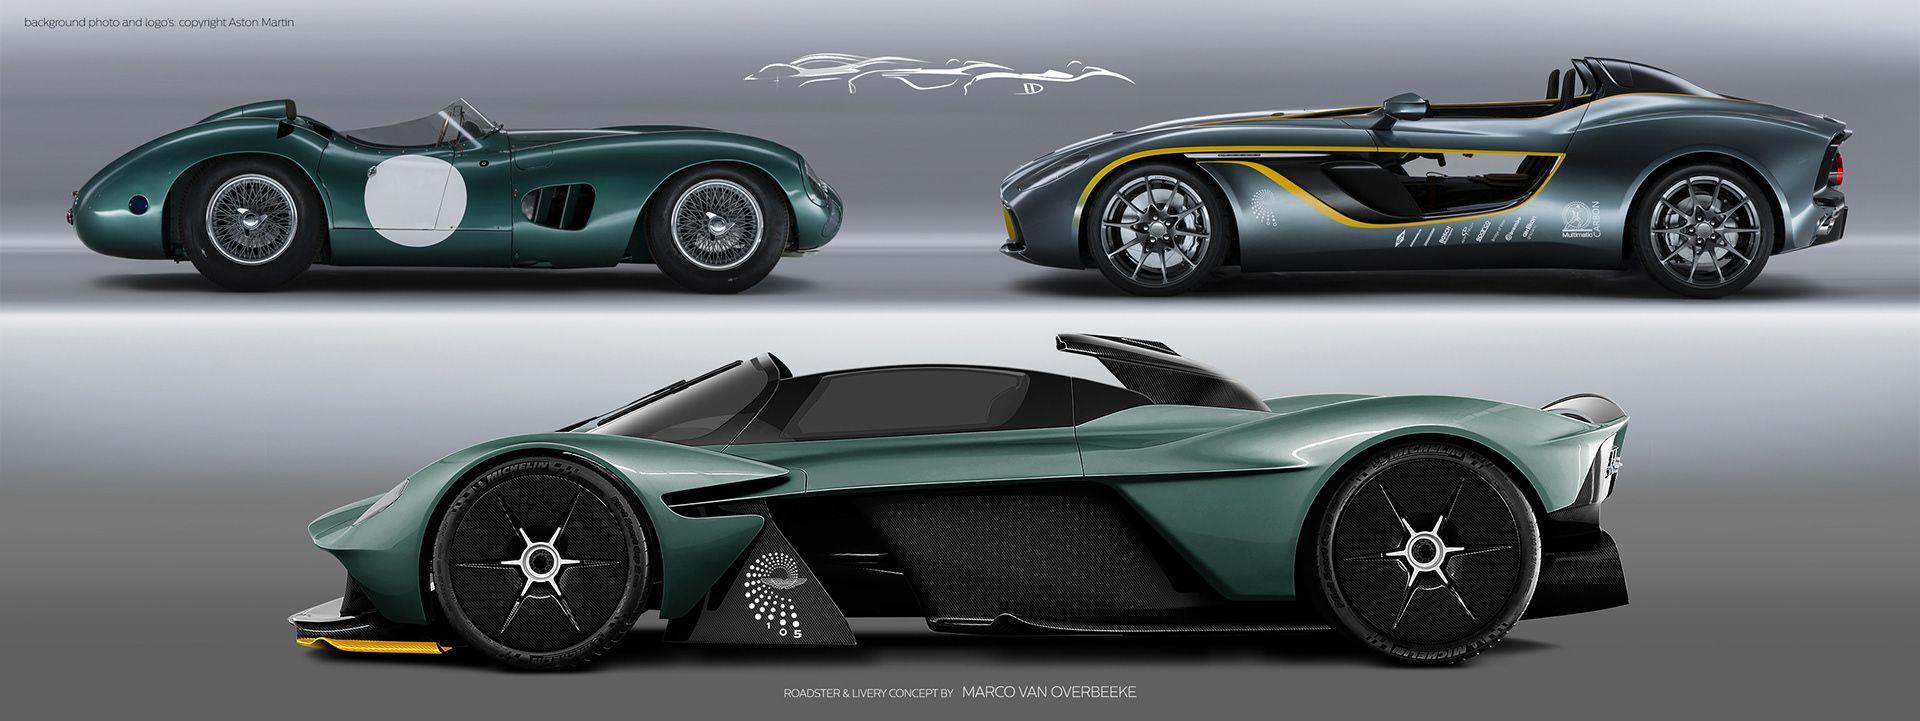 Aston Martin Valkyrie Volante Concept Aston Martin Aston Valkyrie